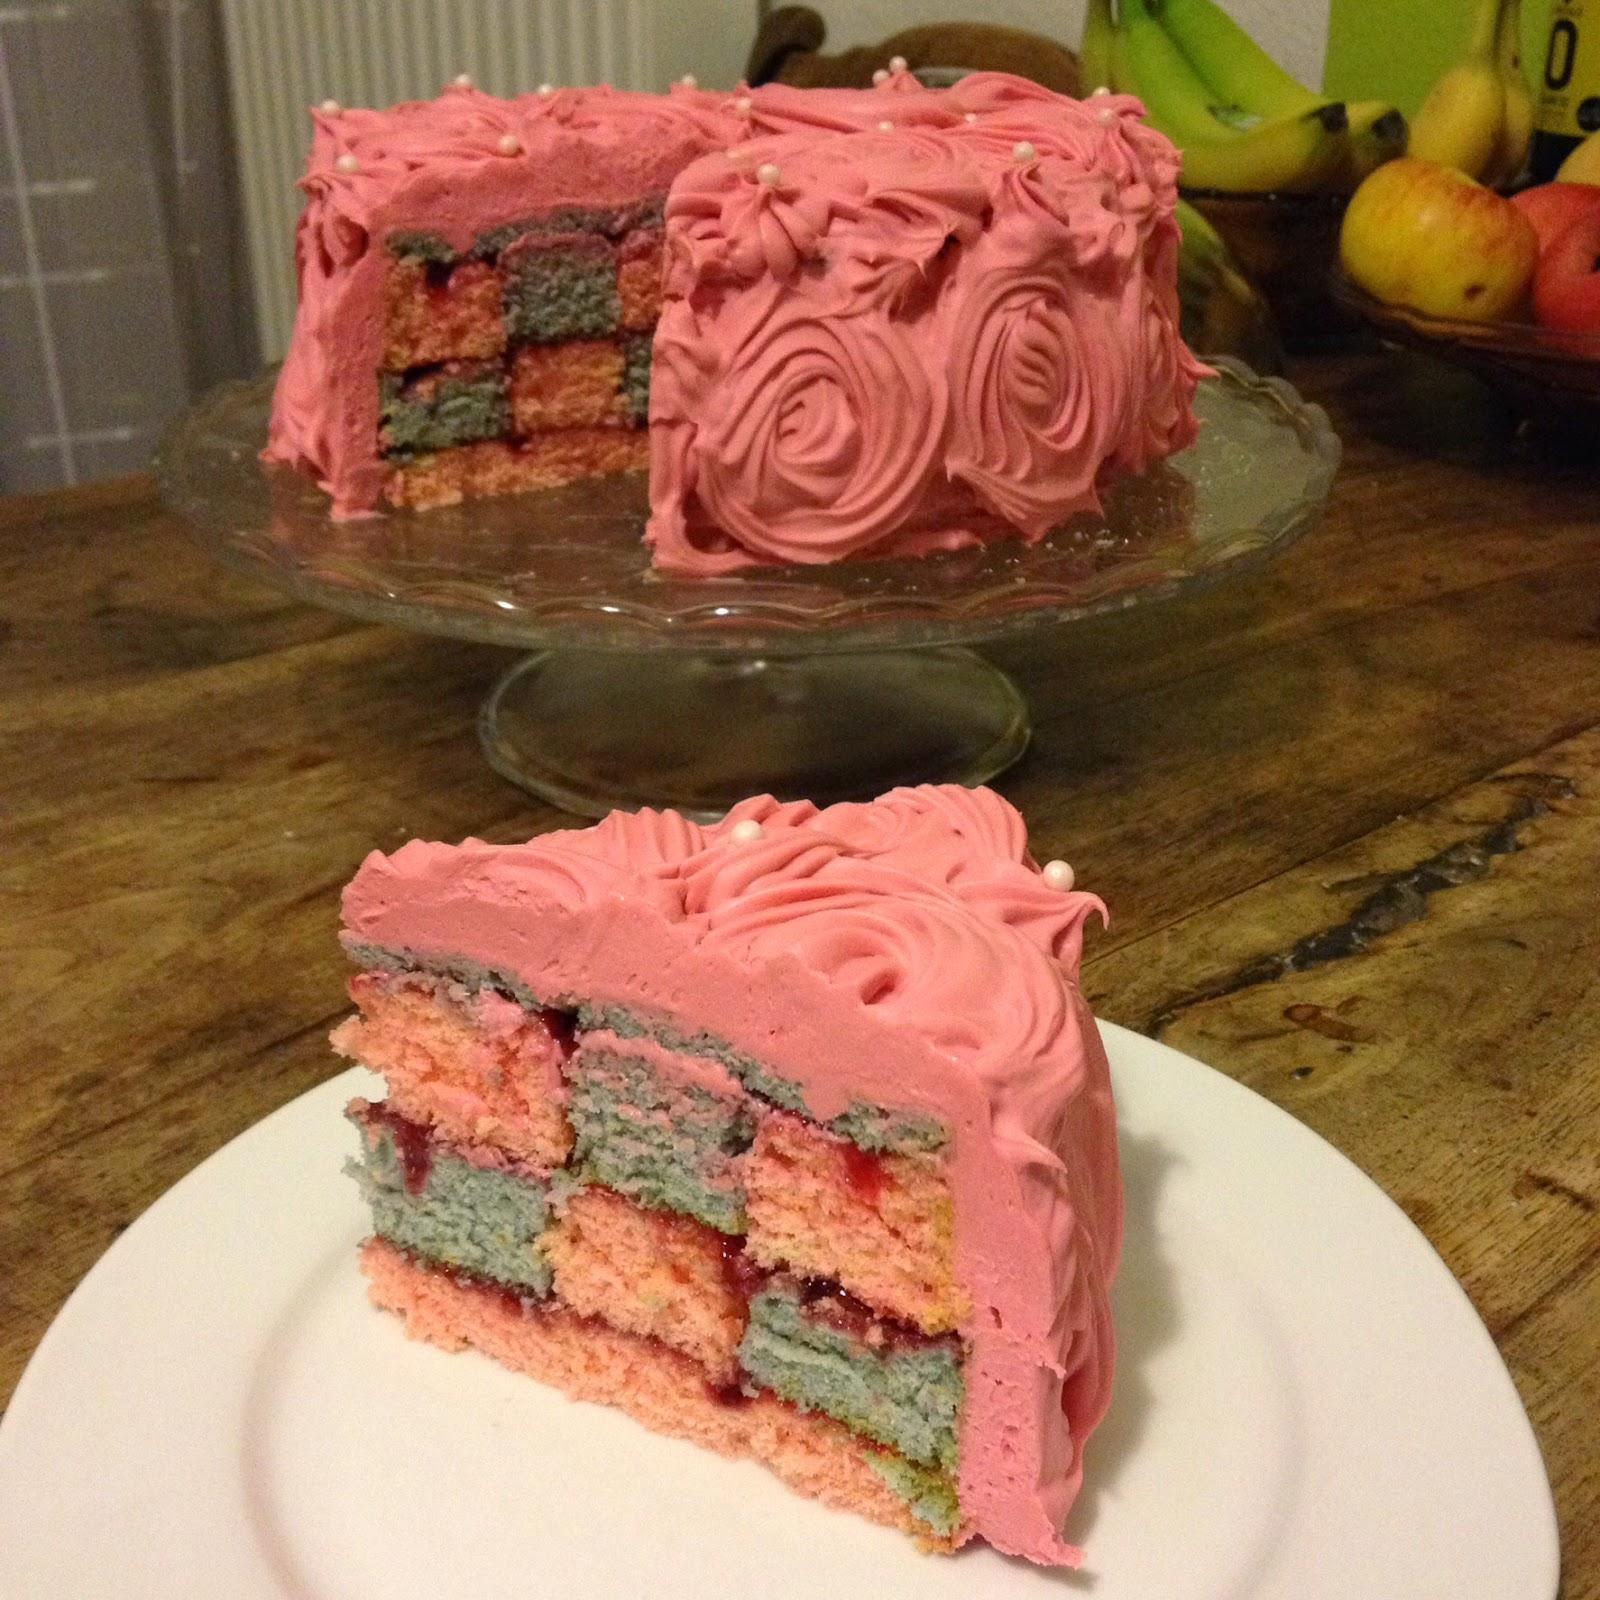 Ein Stuck Heile Welt Rosa Rosen Schachbrett Torte Zum Valentinstag